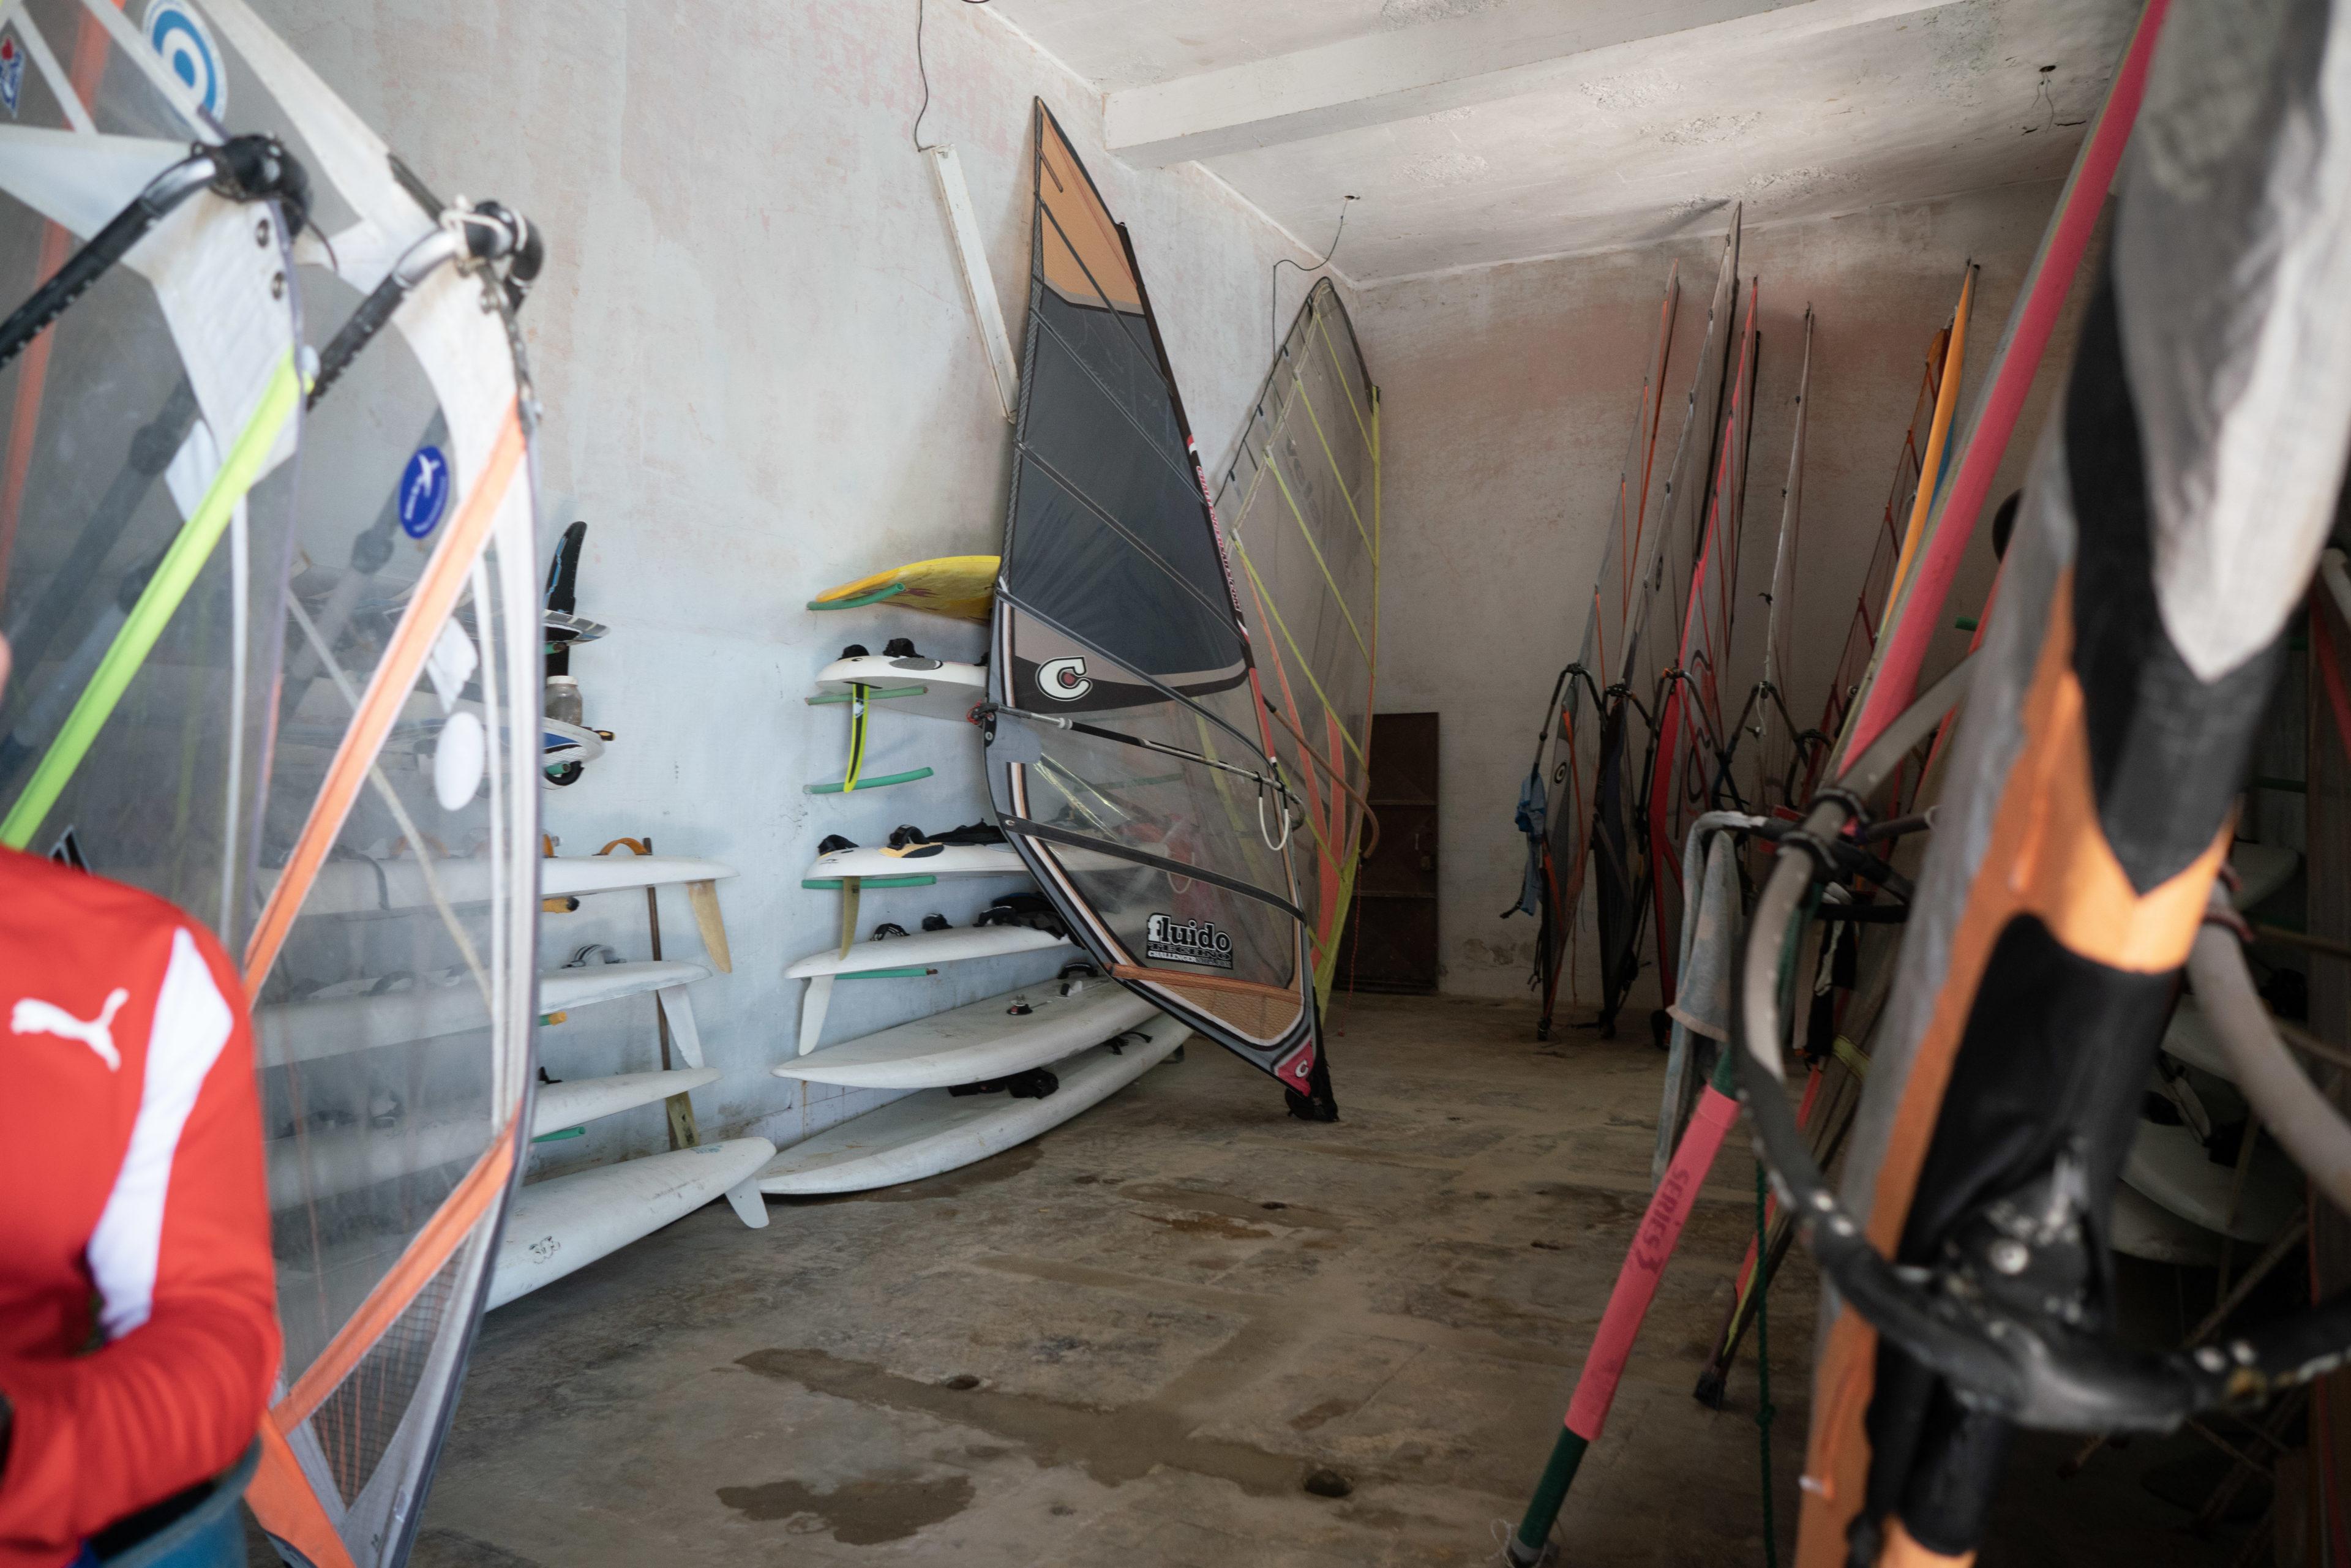 Ausrüstung fürs Windsurfen